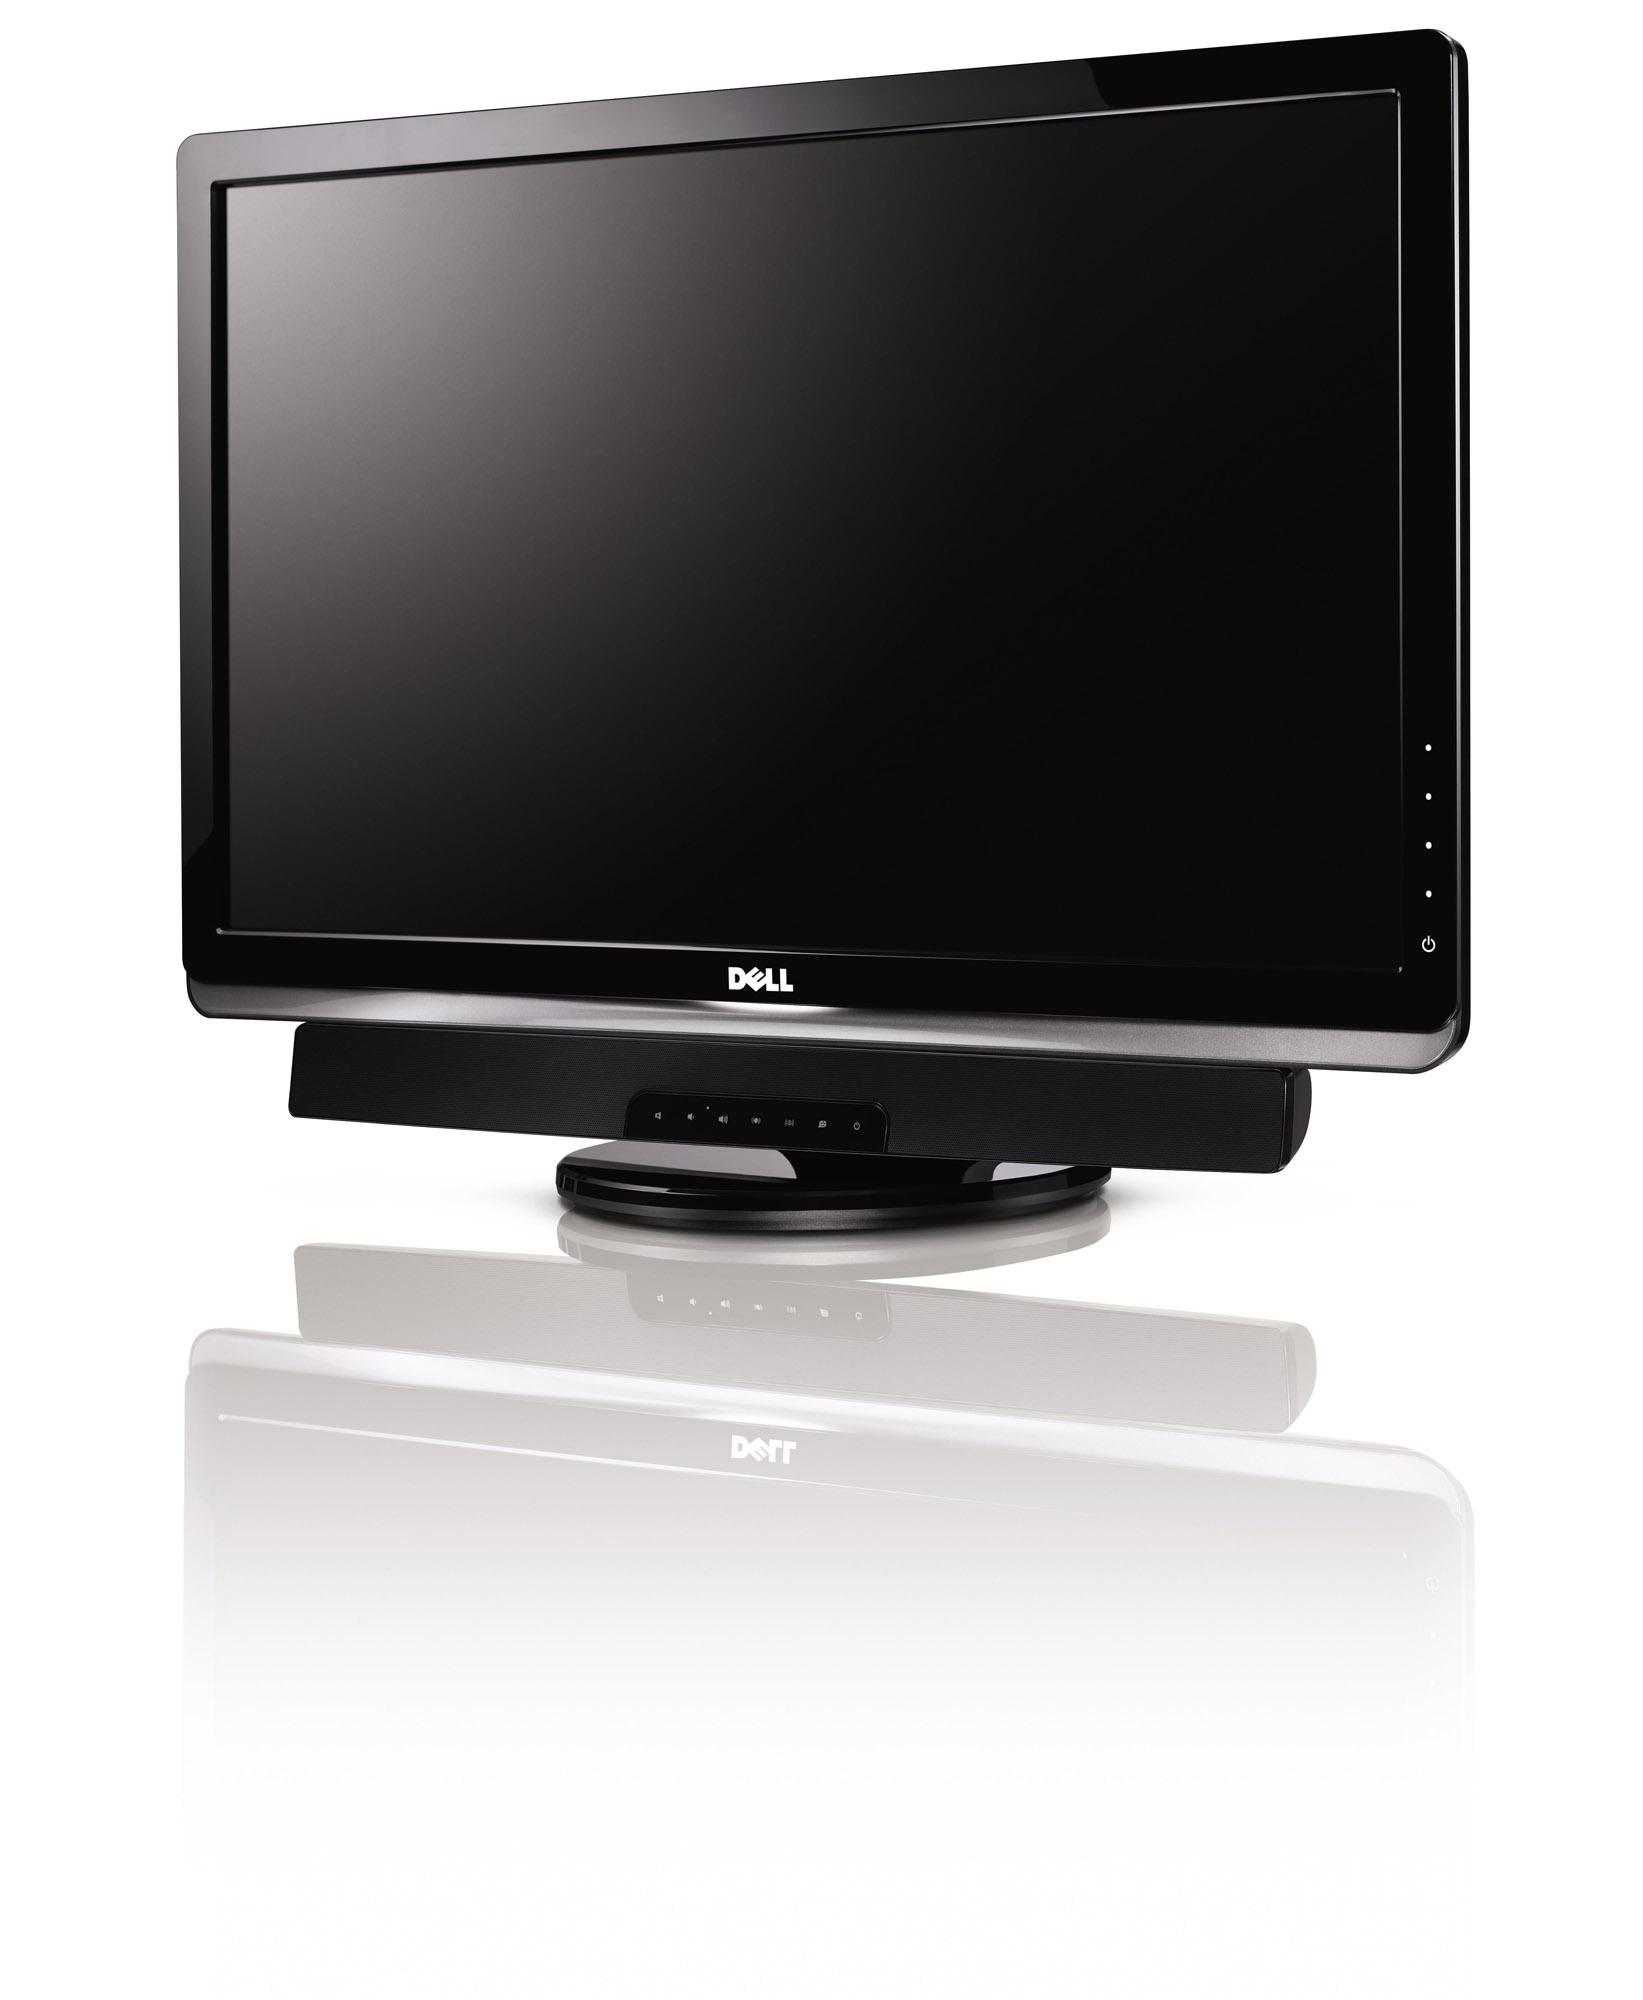 image dell-led-backlit-monitors-03-jpg